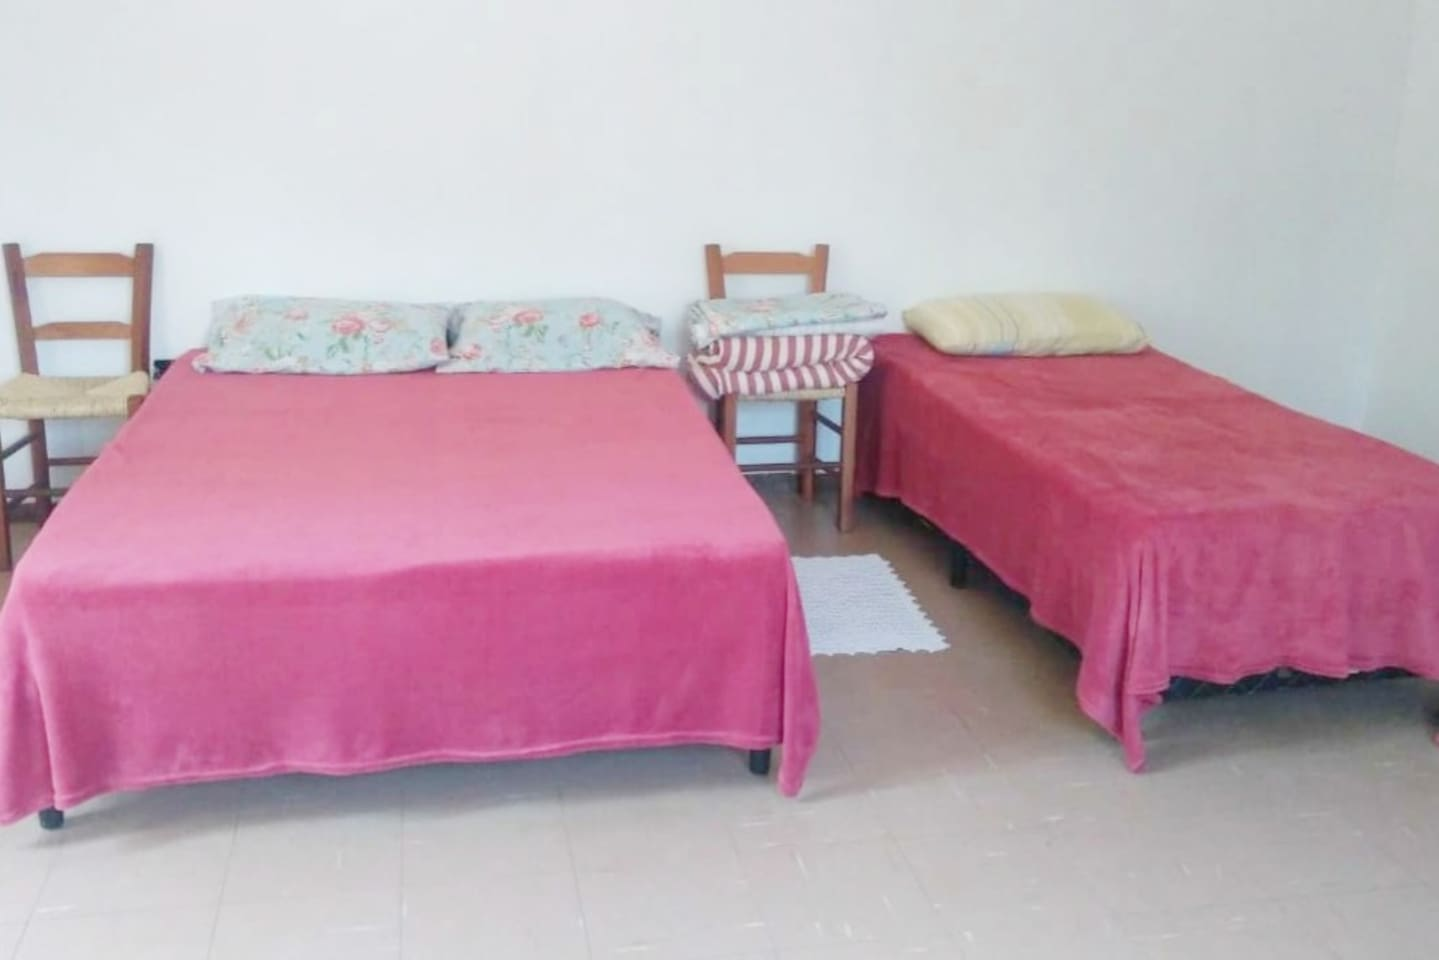 Espaço simples, limpo e arejado, com cama de casal, solteiro e, se necessário, um colchão de casal inflável.